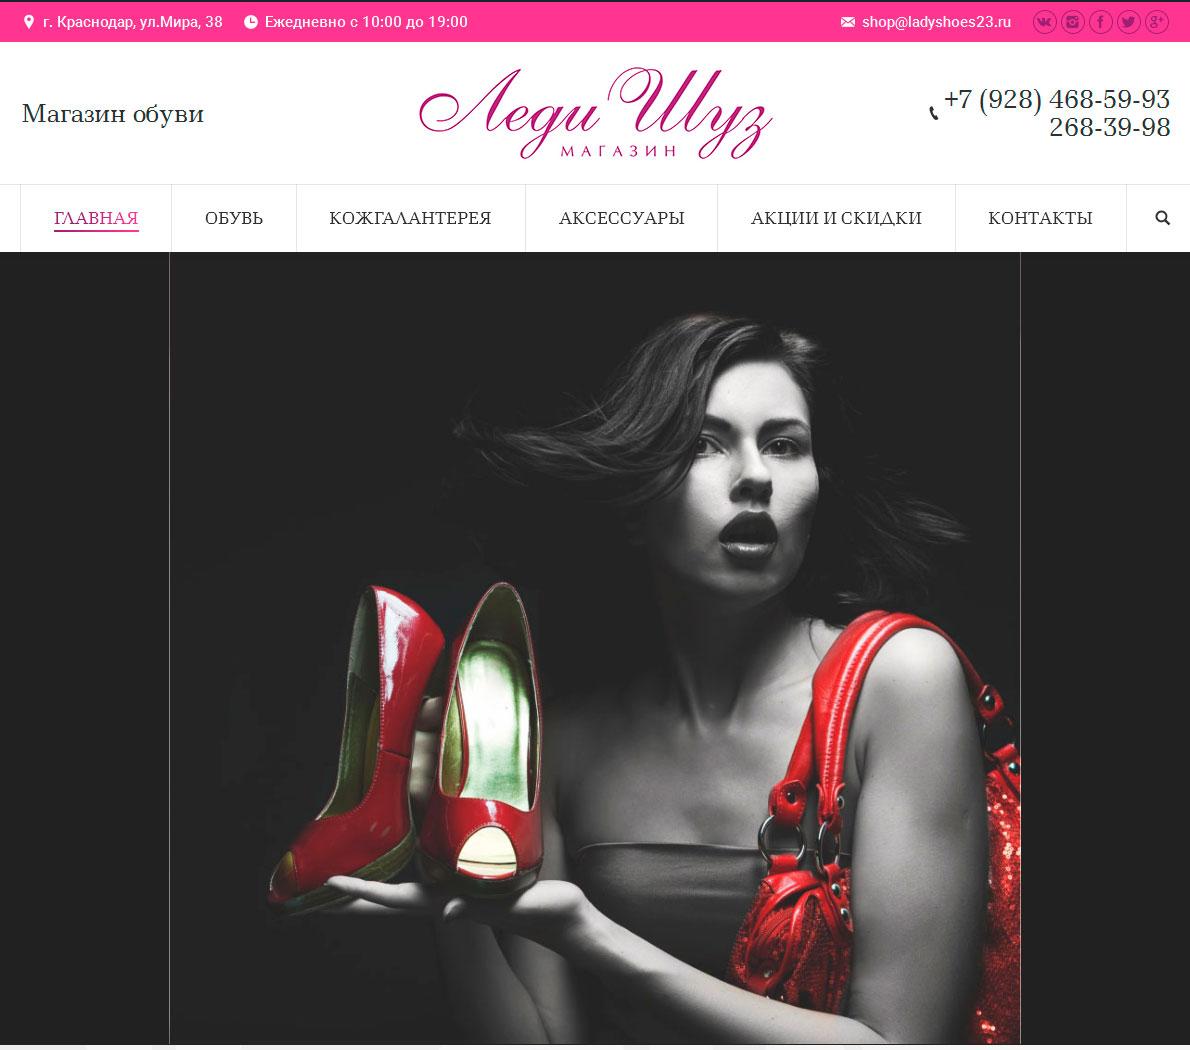 Магазин обуви Леди Шуз